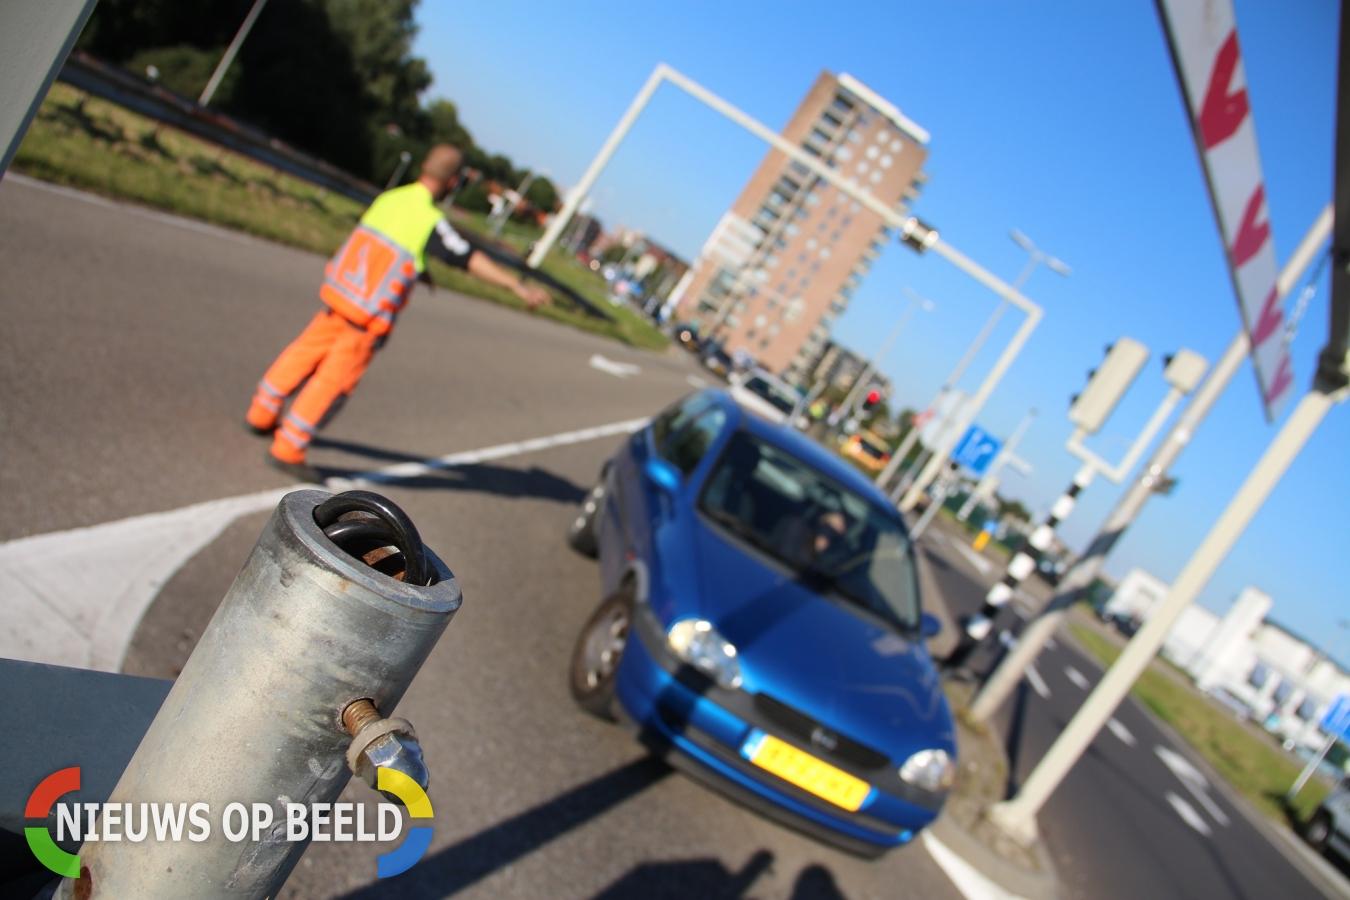 Verkeerschaos in Krimpen aan den IJssel door gesloten wisselstrook